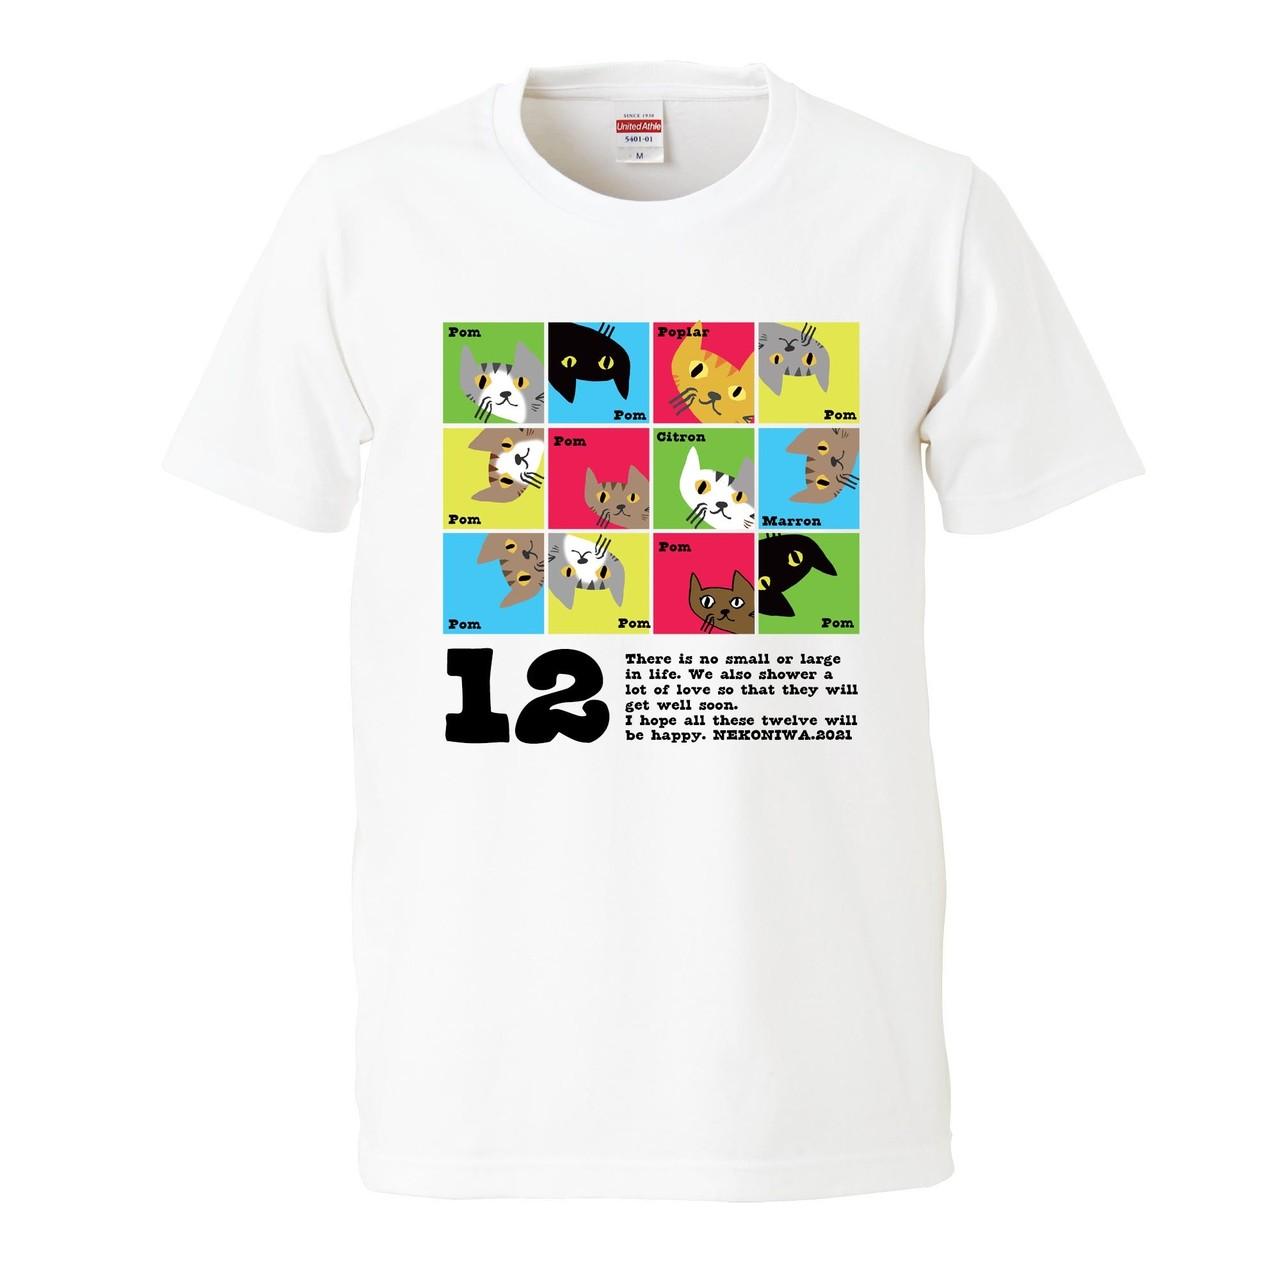 【NEW】NEKONIWA12Tシャツ 2,222円 ≪全国送料無料≫